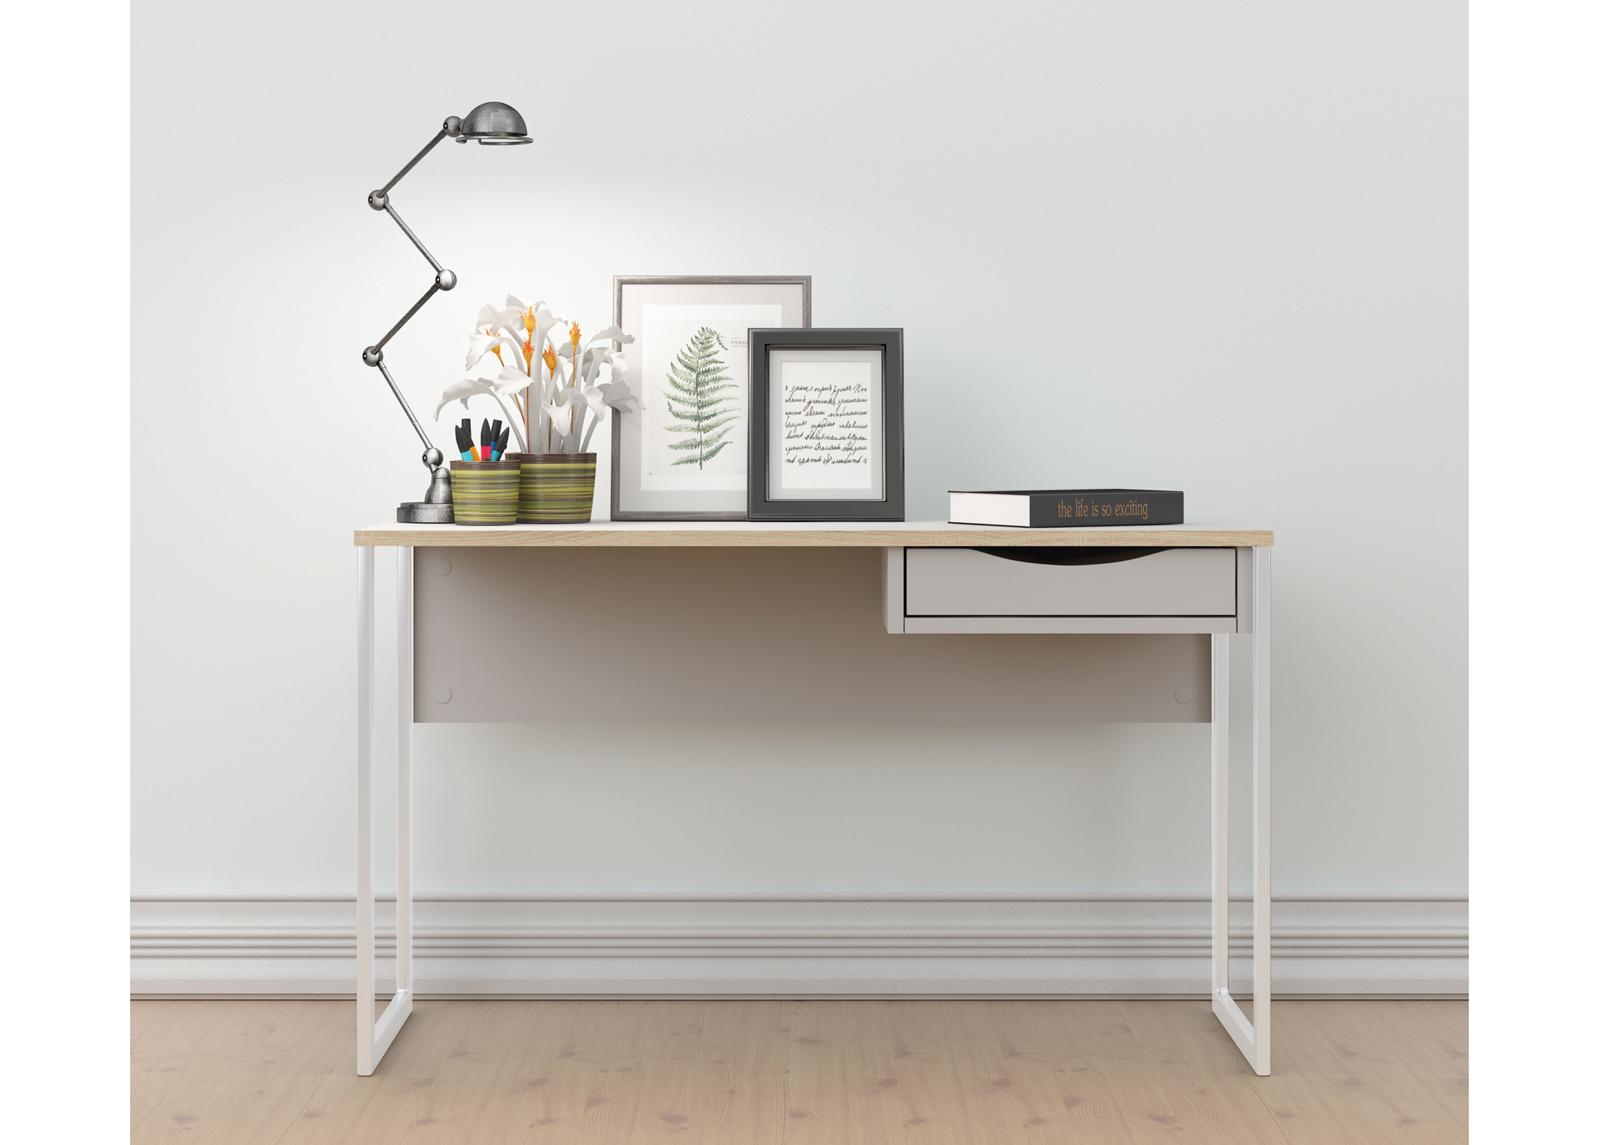 Työpöytä Function Plus 130 cm